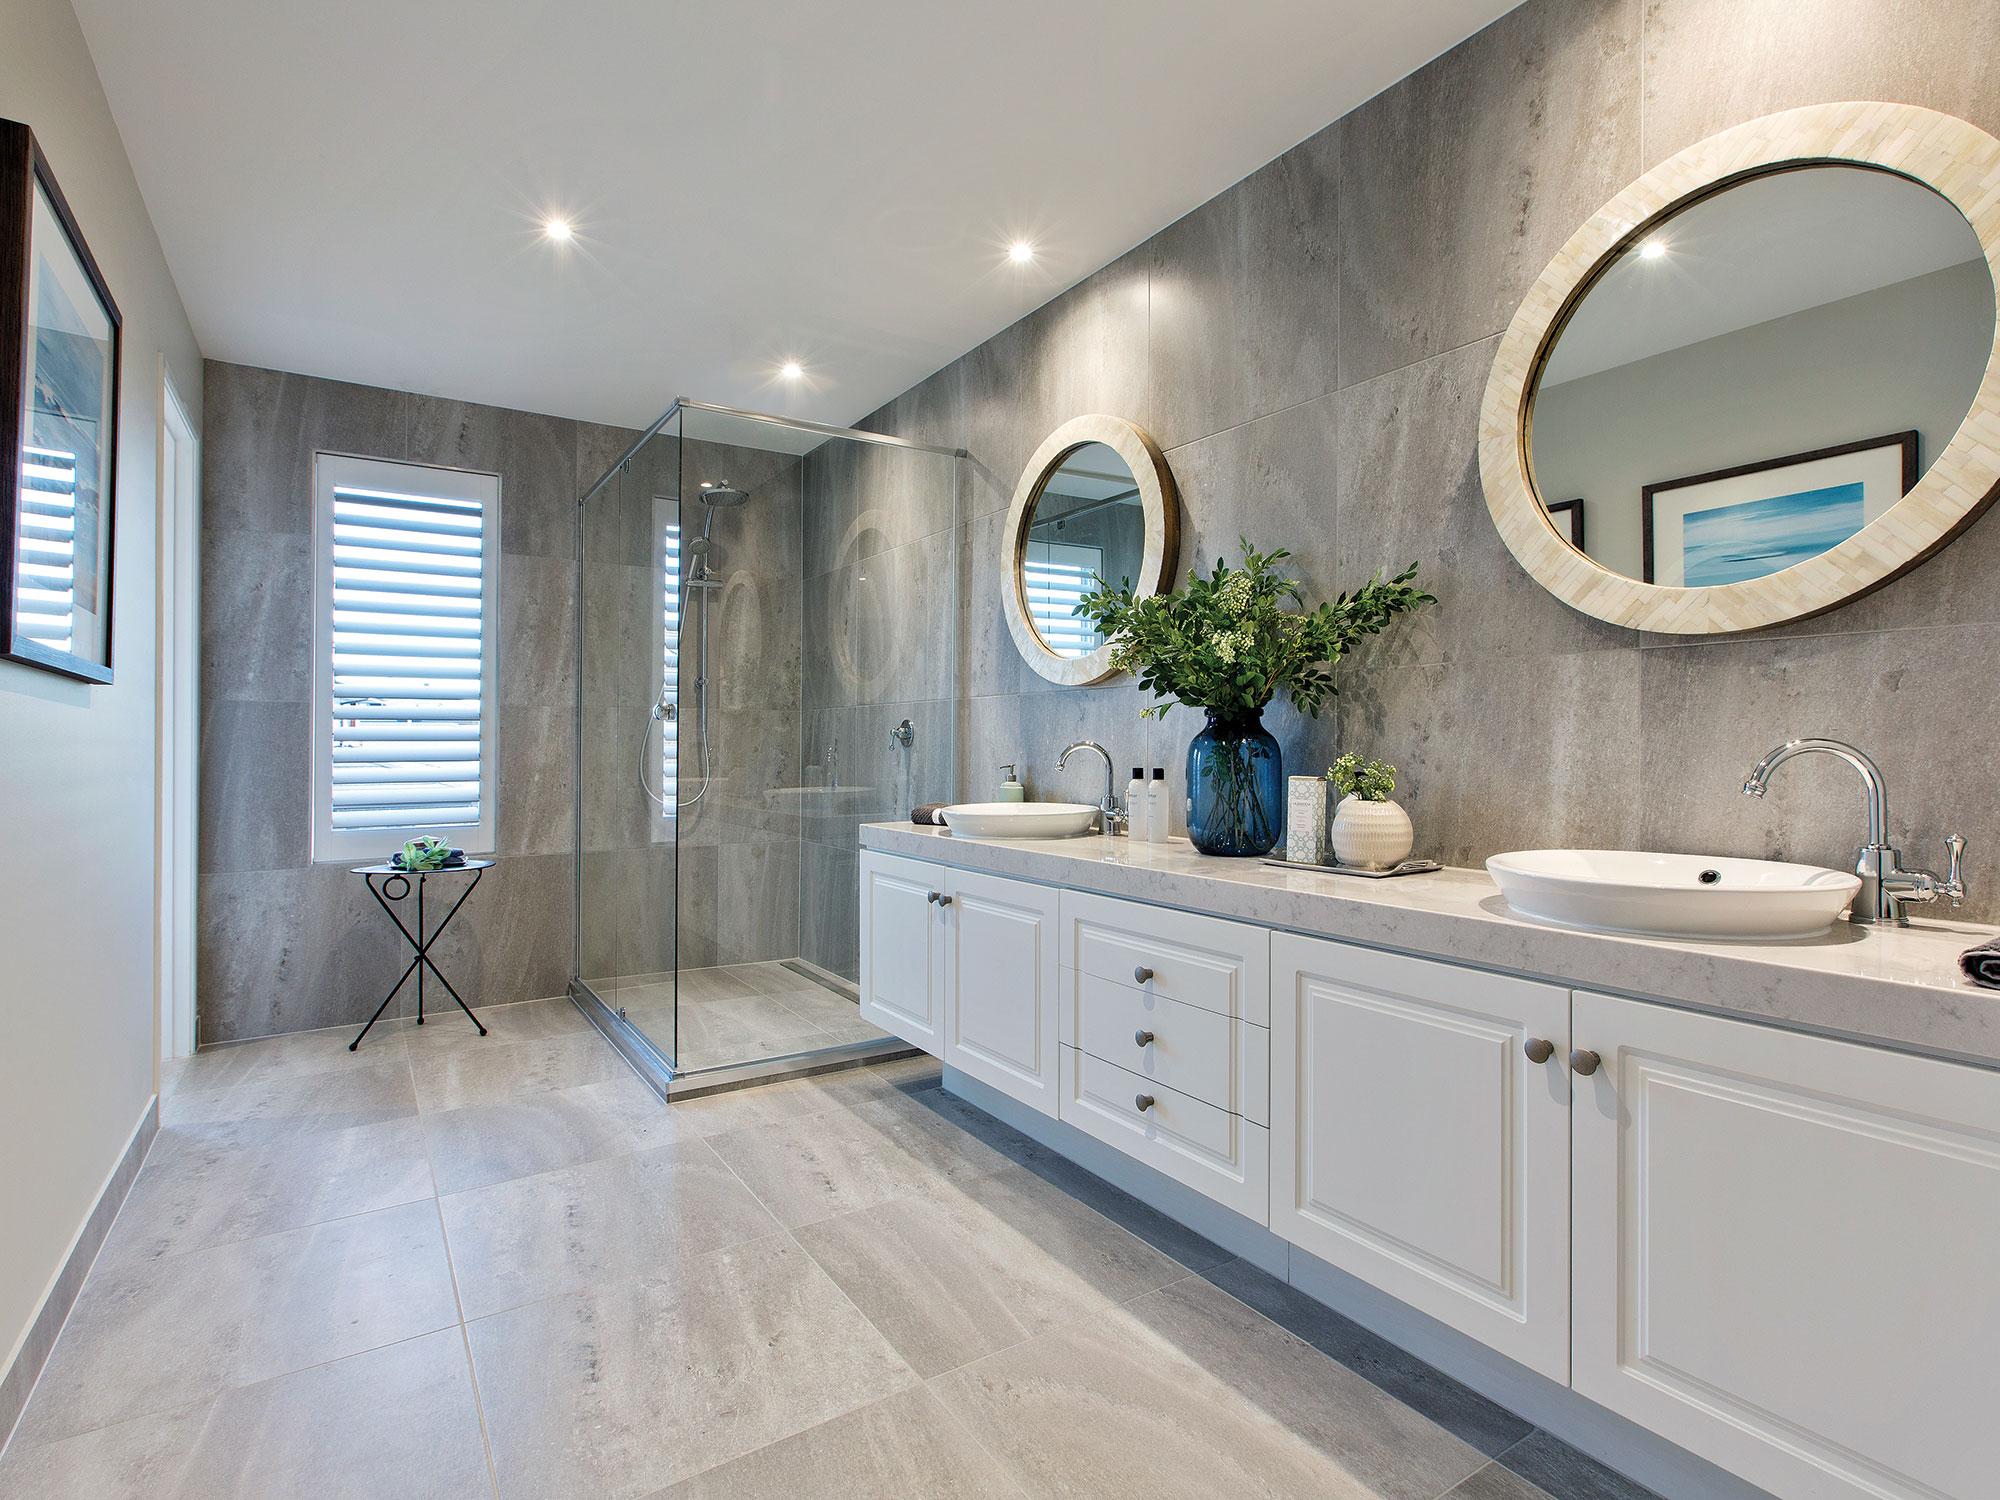 Traditional Bathroom Ideas  realestatecomau